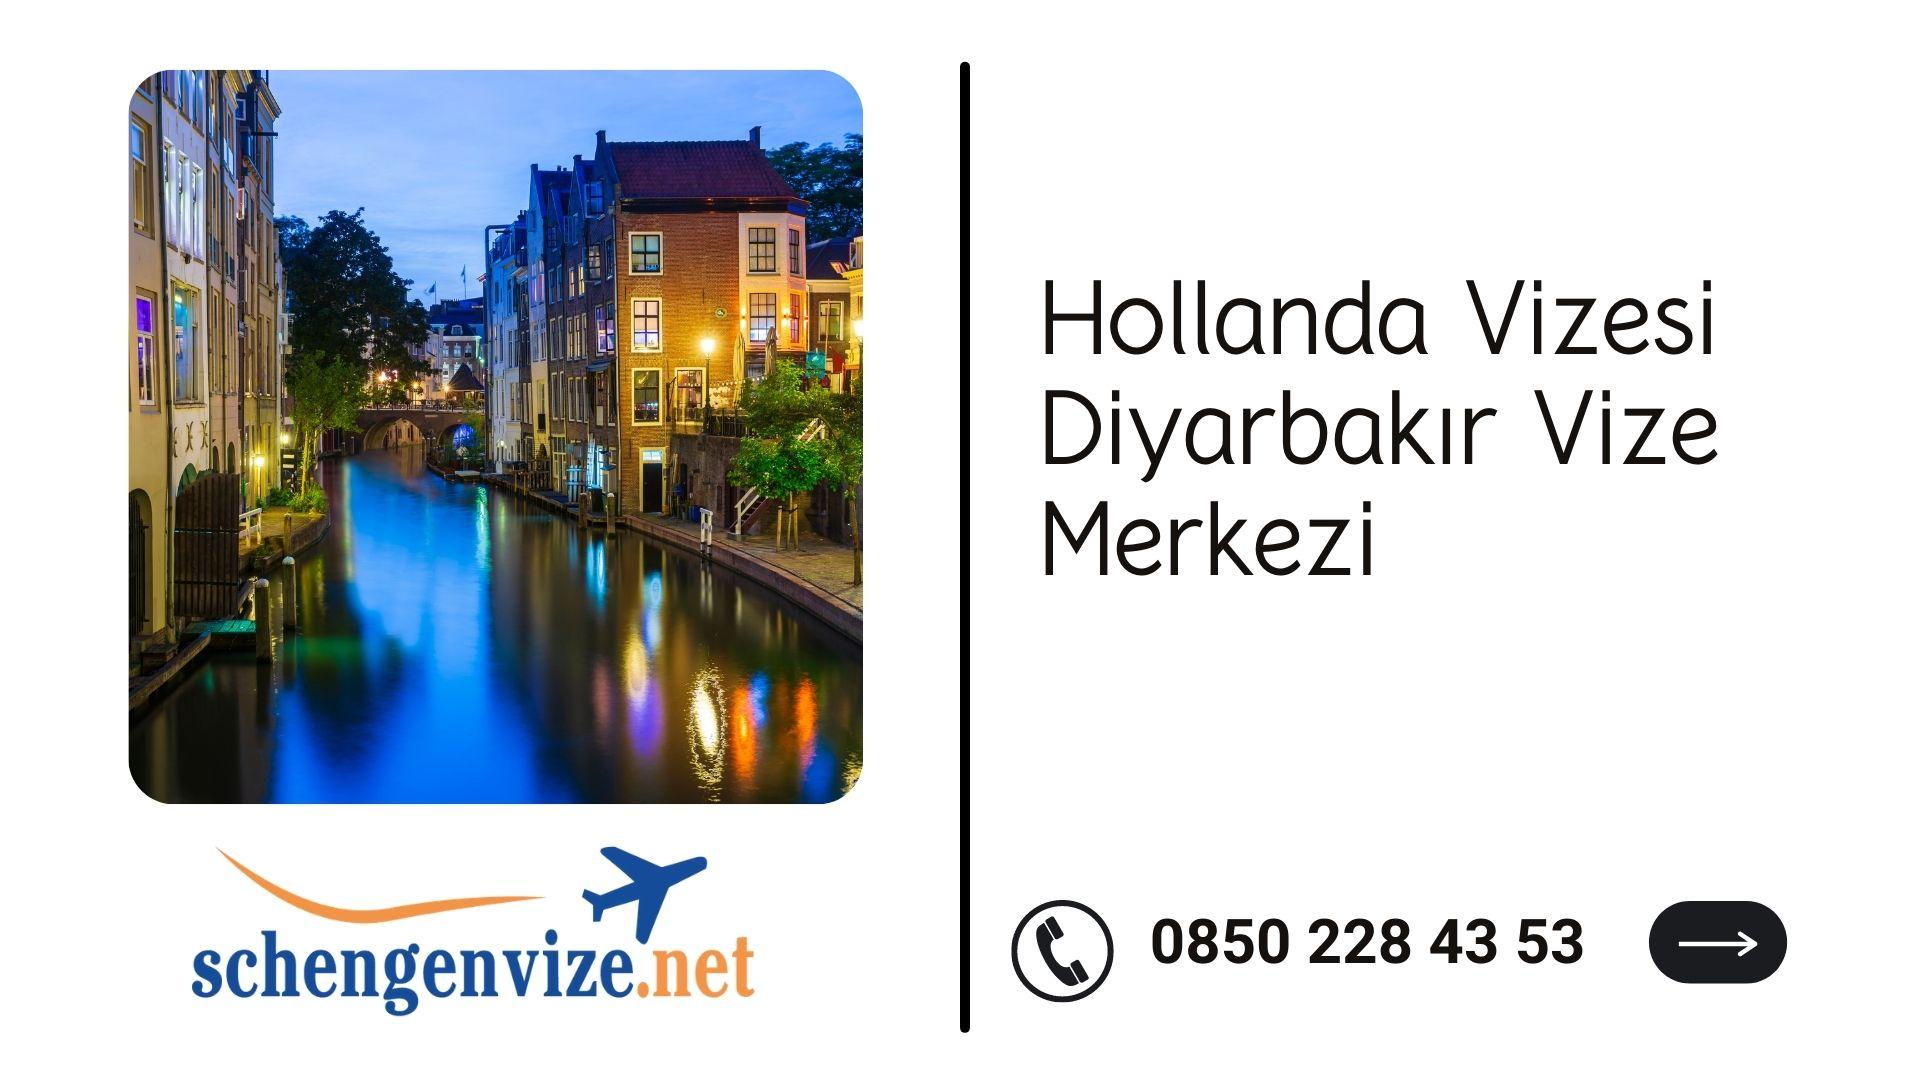 Hollanda Vizesi Diyarbakır Vize Merkezi